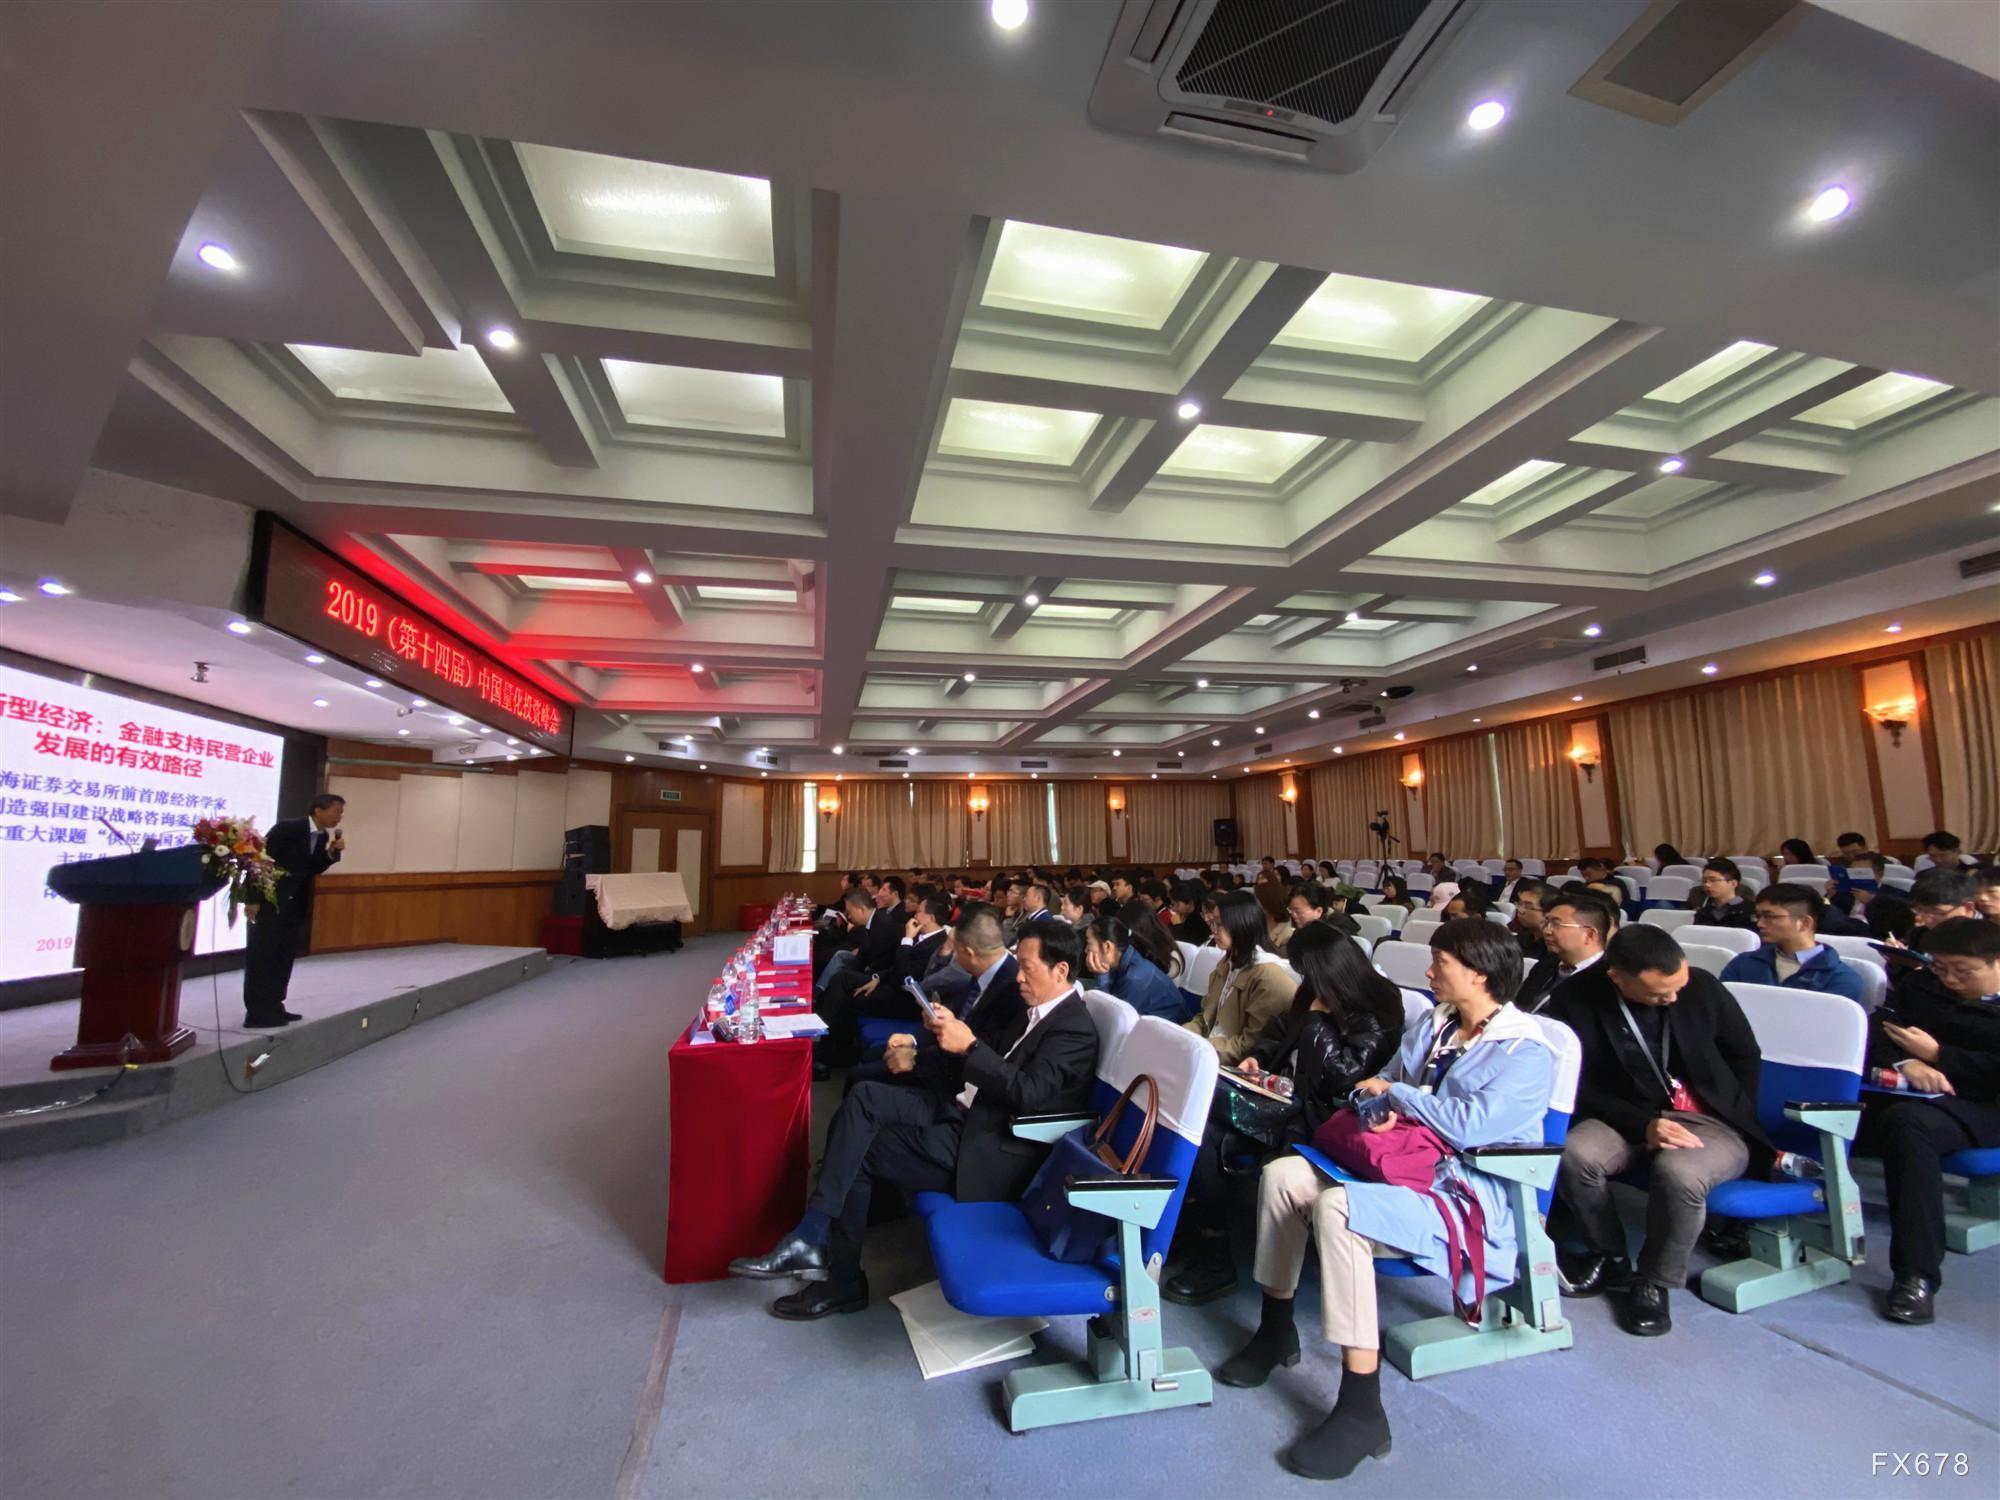 2019中国量化投资峰会在成都成功举办